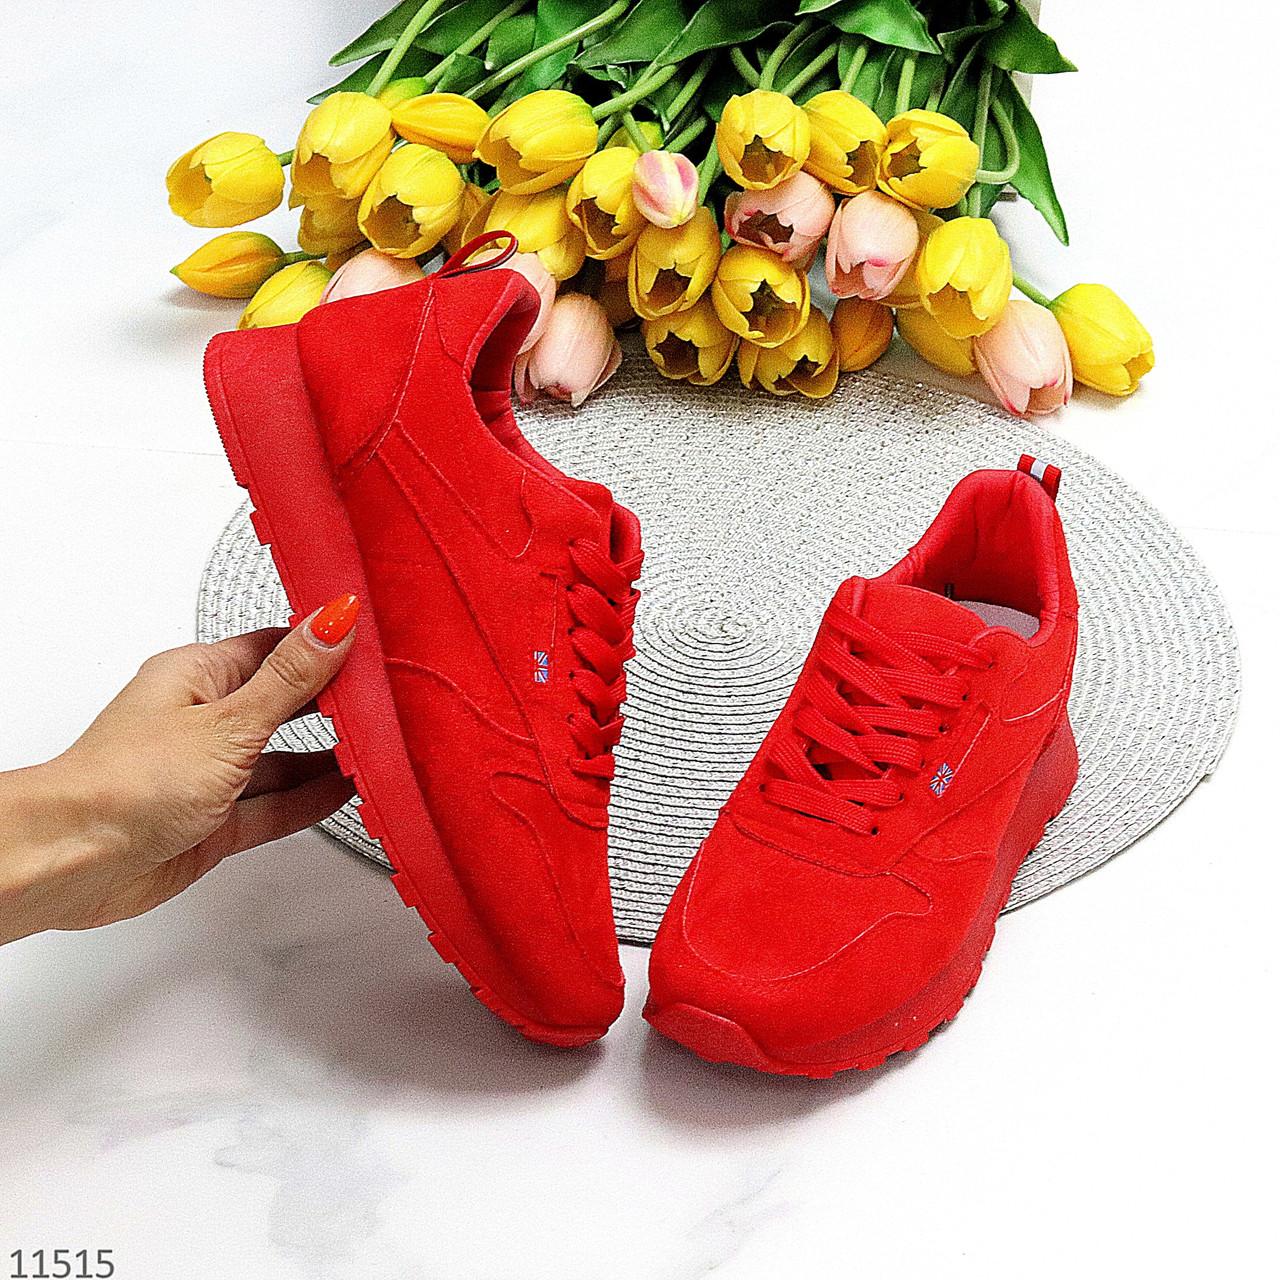 Стильні легкі яскраві червоні замшеві жіночі кросівки доступна ціна